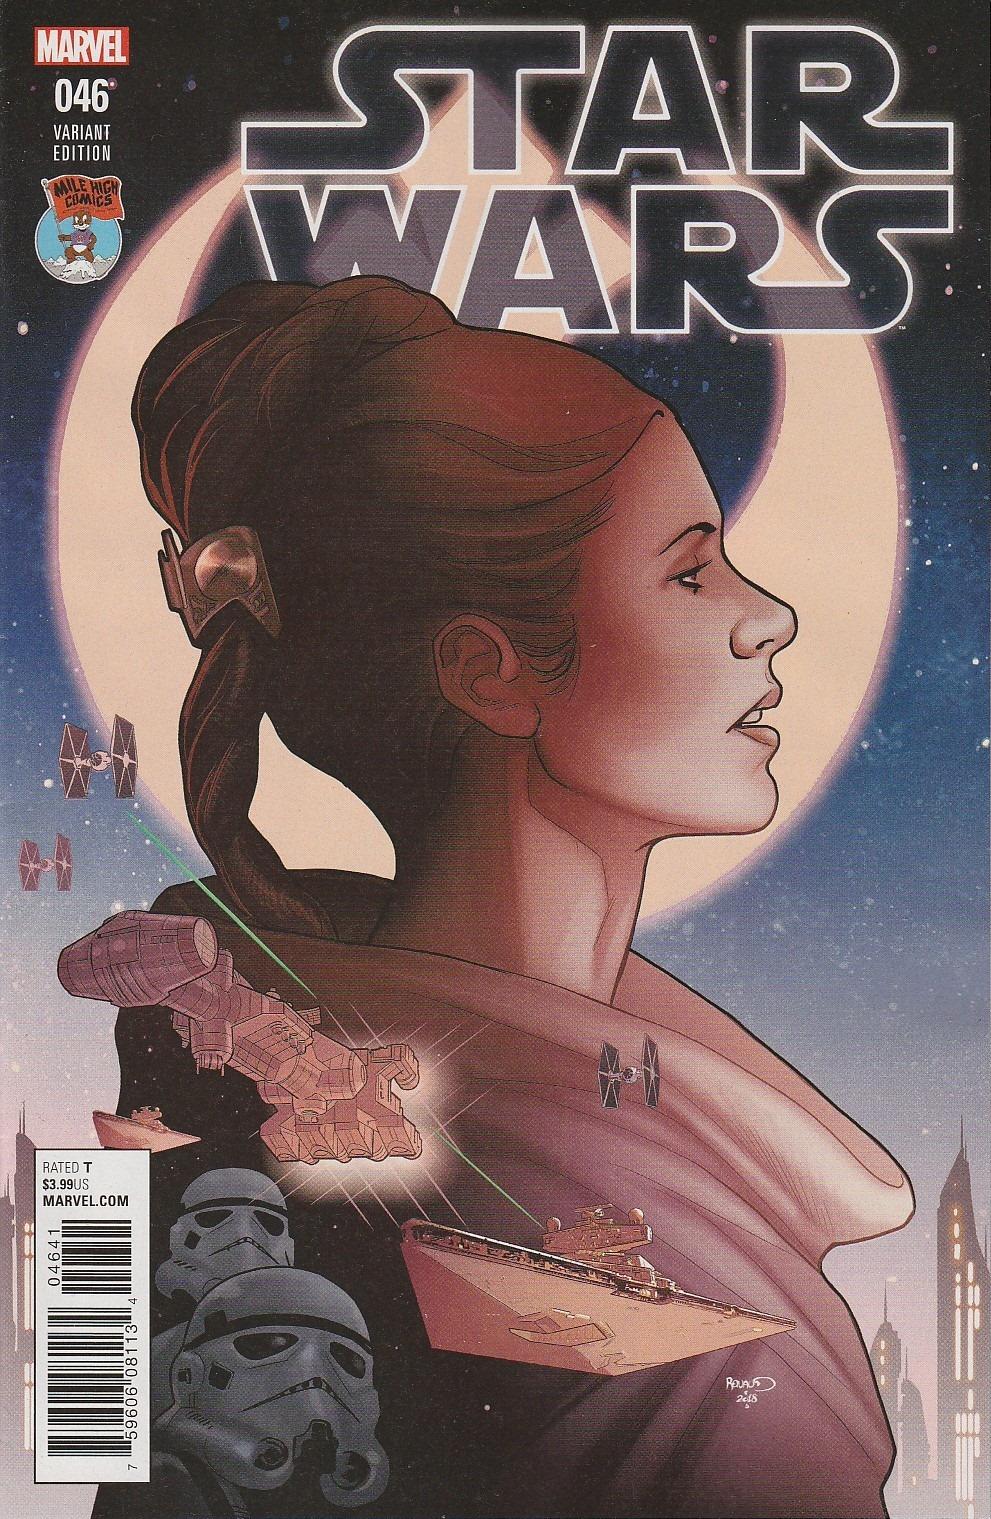 Star Wars #46 (Paul Renaud Mile High Comics Variant Cover) (04.04.2018)